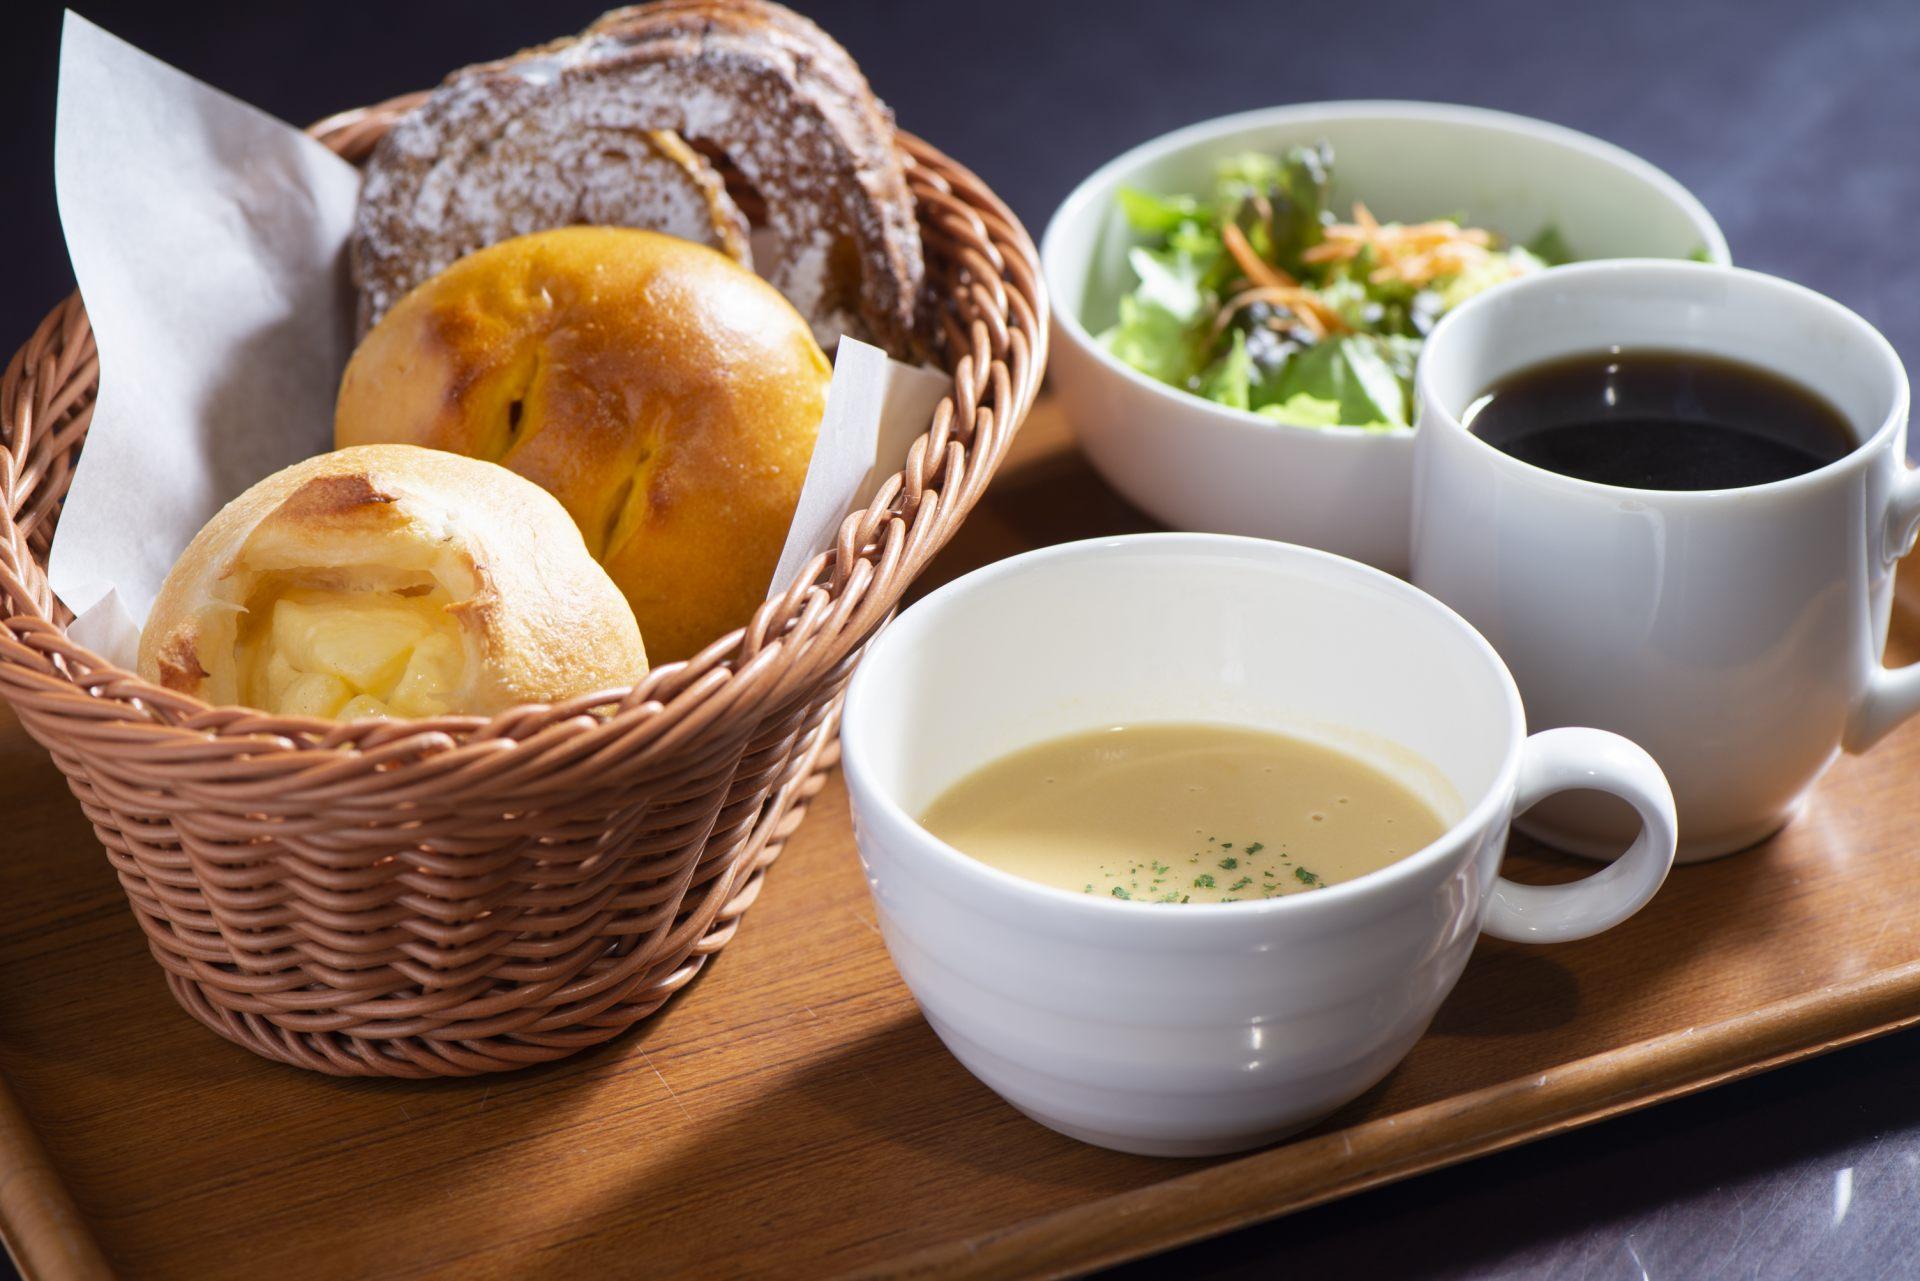 เมนูเซ็ตประกอบด้วยขนมปัง 3 ชิ้น, ซุป และเครื่องดื่ม